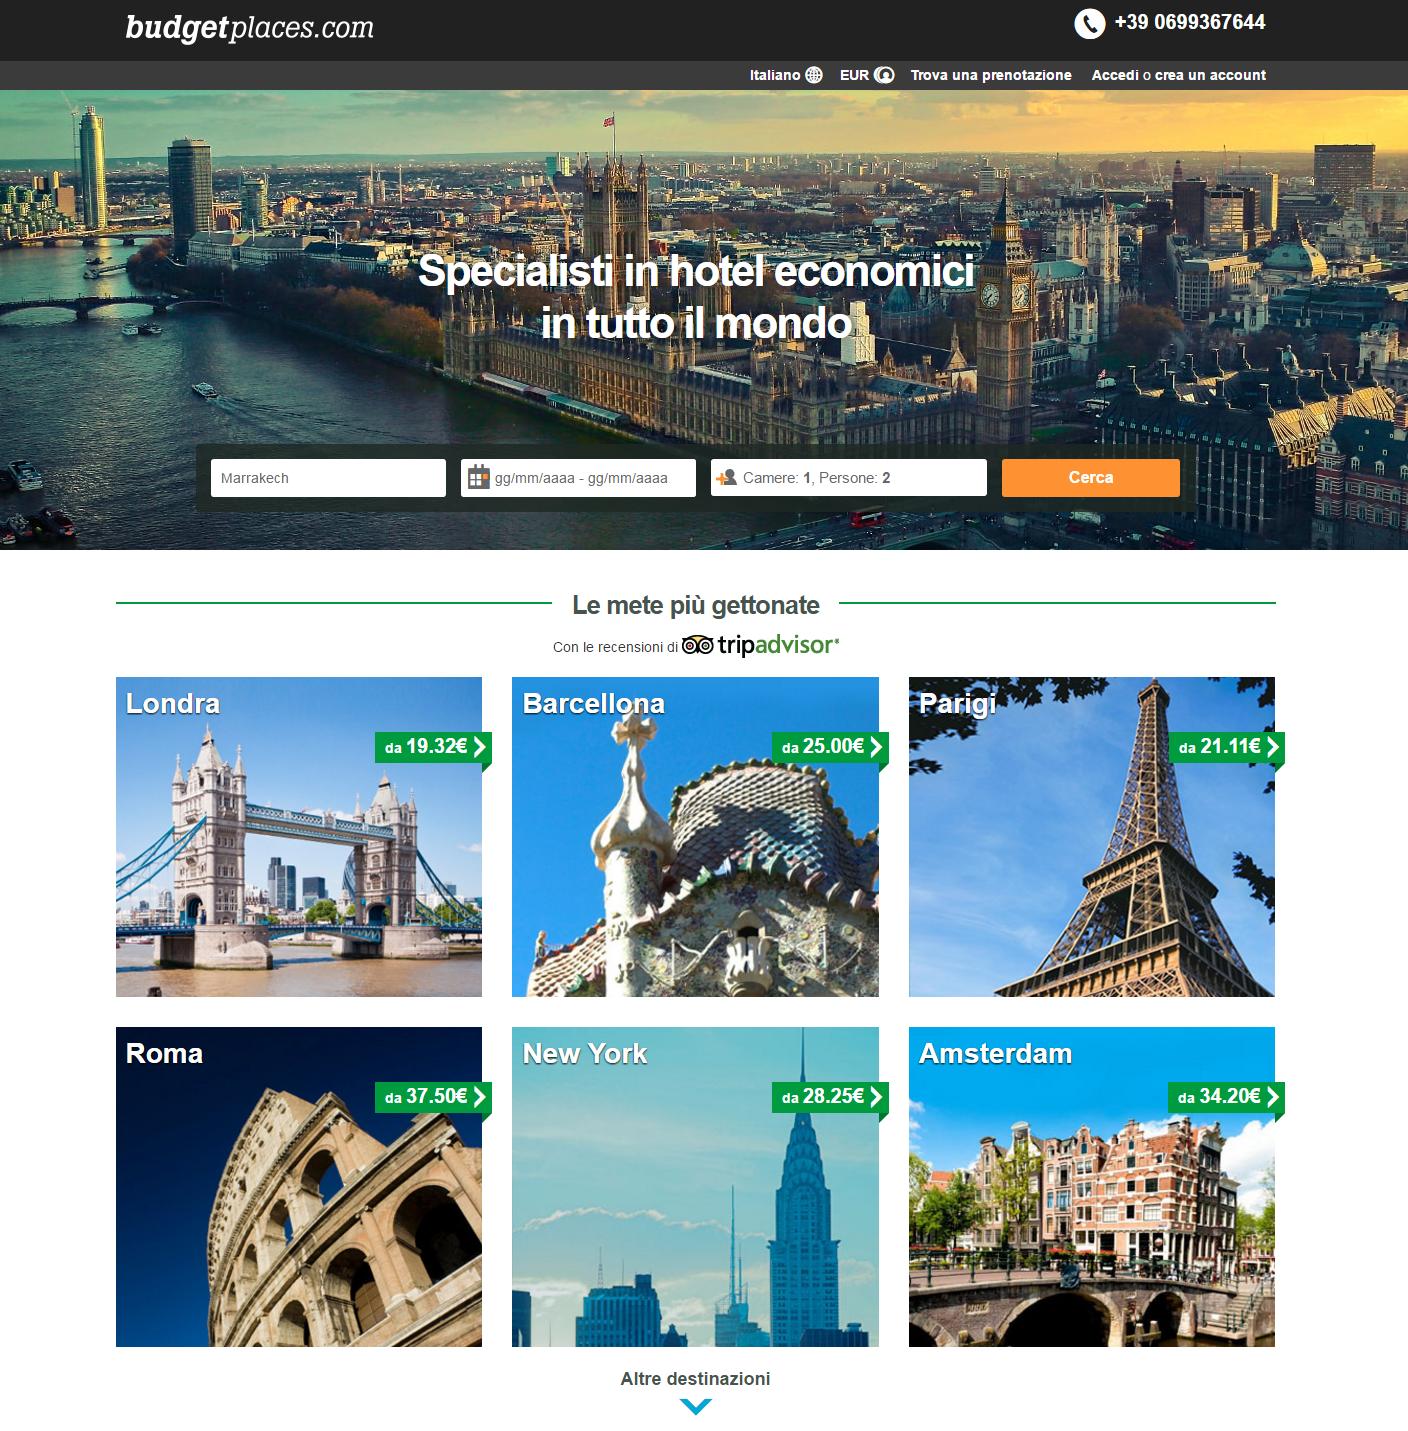 Appartamenti a new york da 47 euro cerca viaggi online for Appartamenti a new york economici